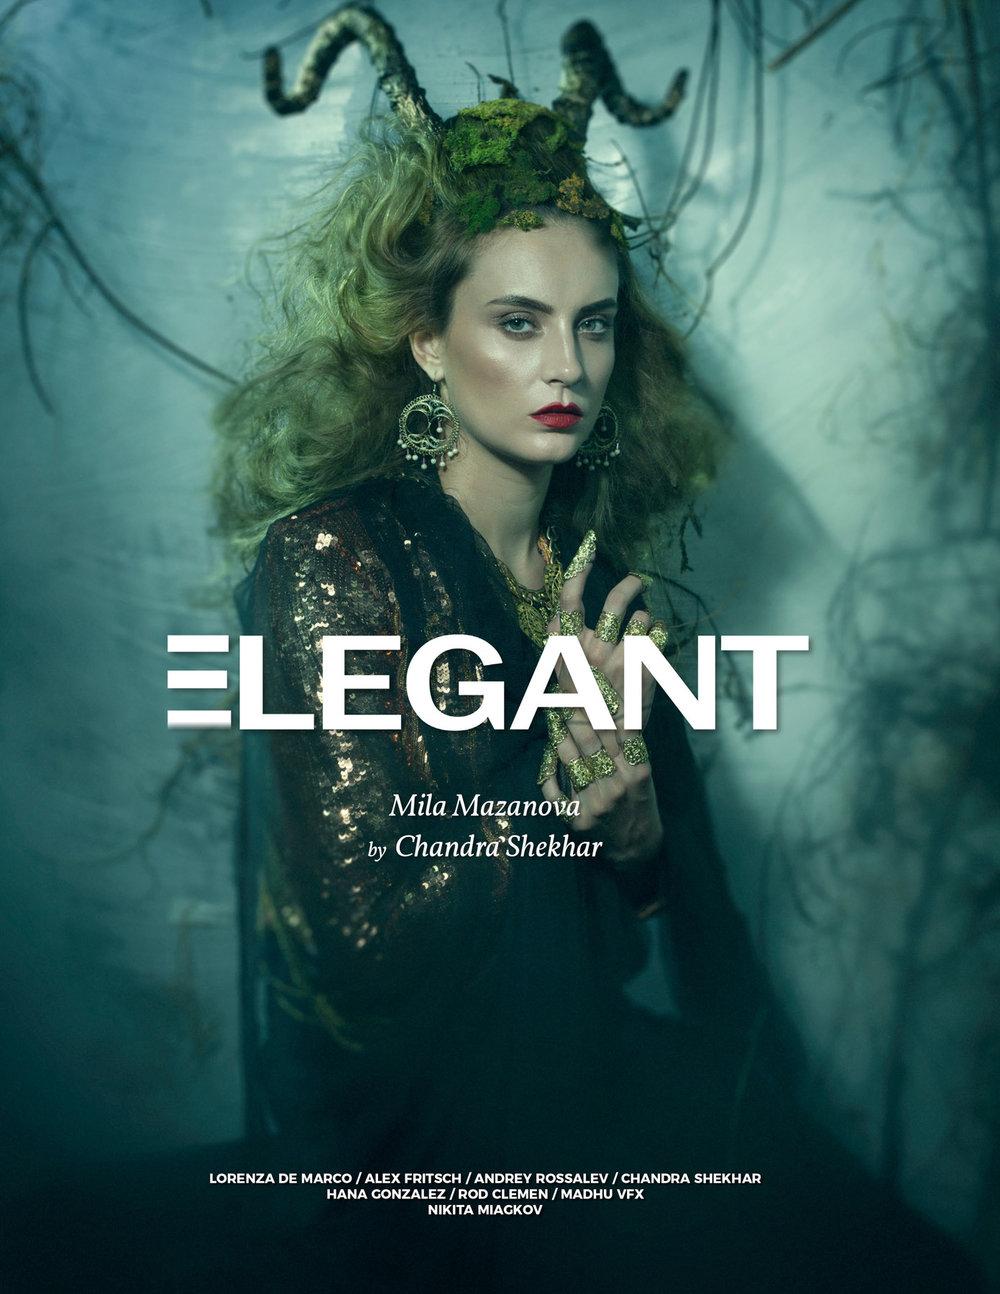 Elegant magazine by Chandra Shekhar